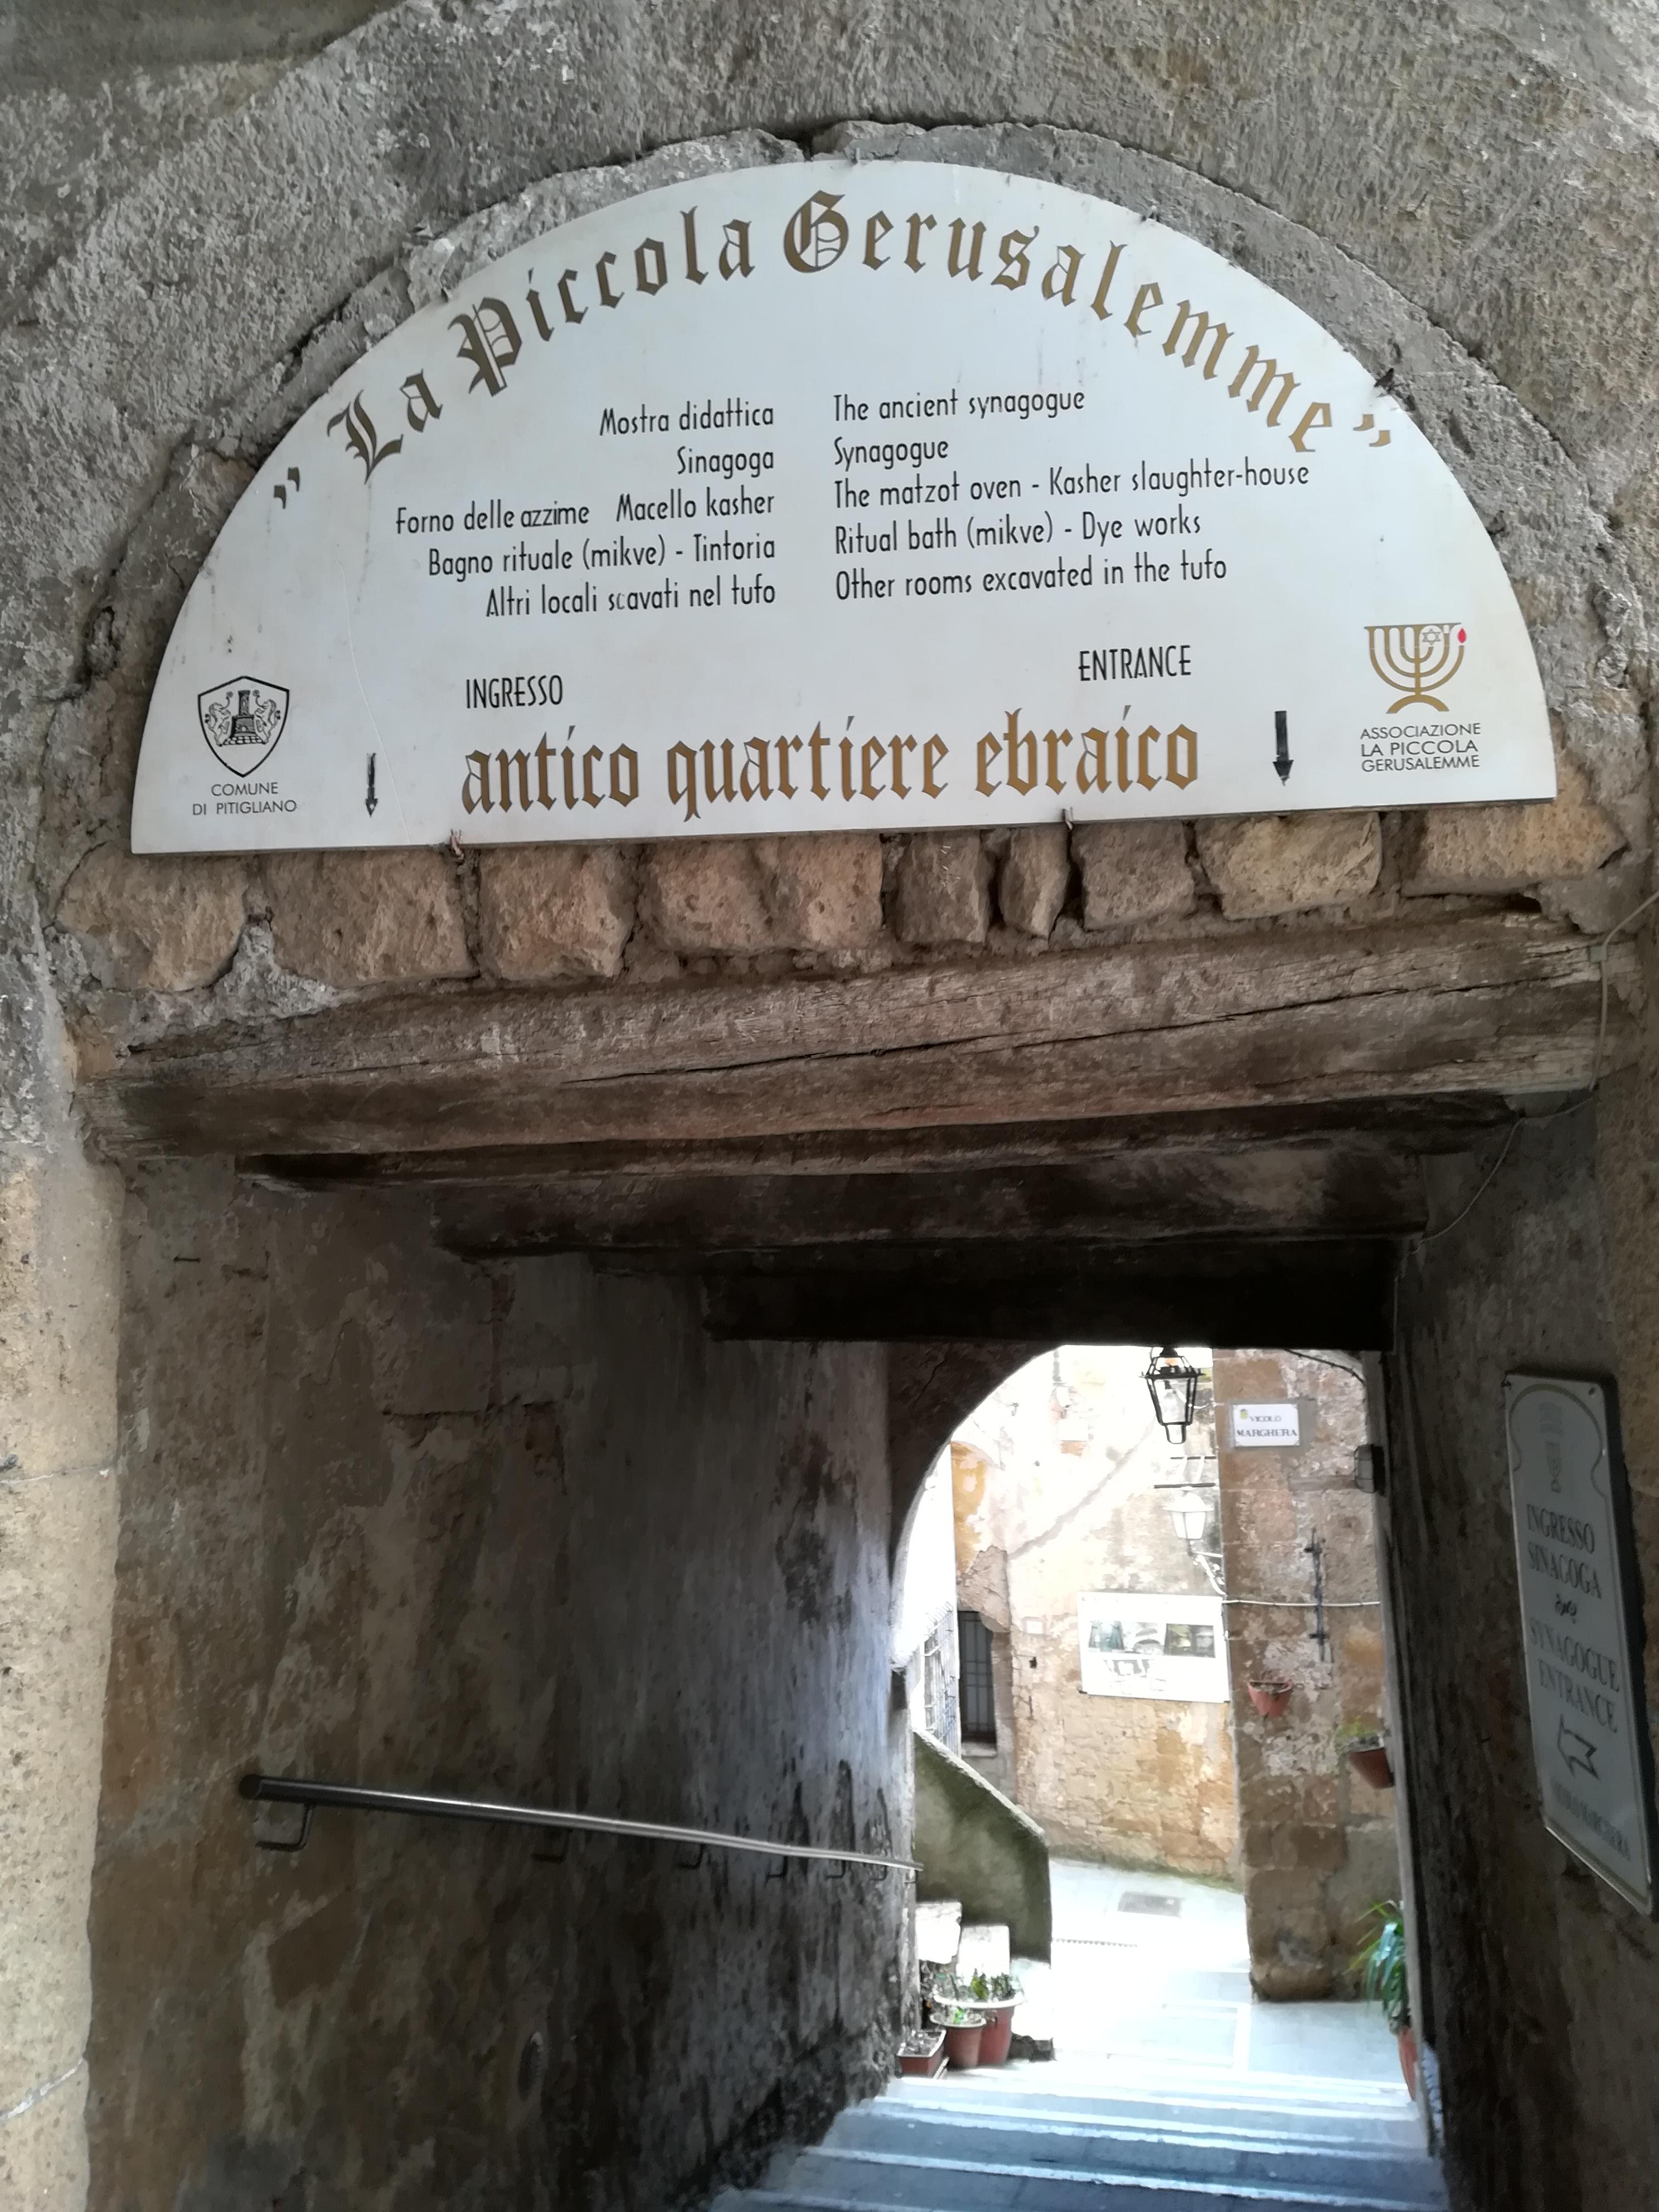 La piccola Gerusalemme cosa vedere a Pitigliano GetCOO travel